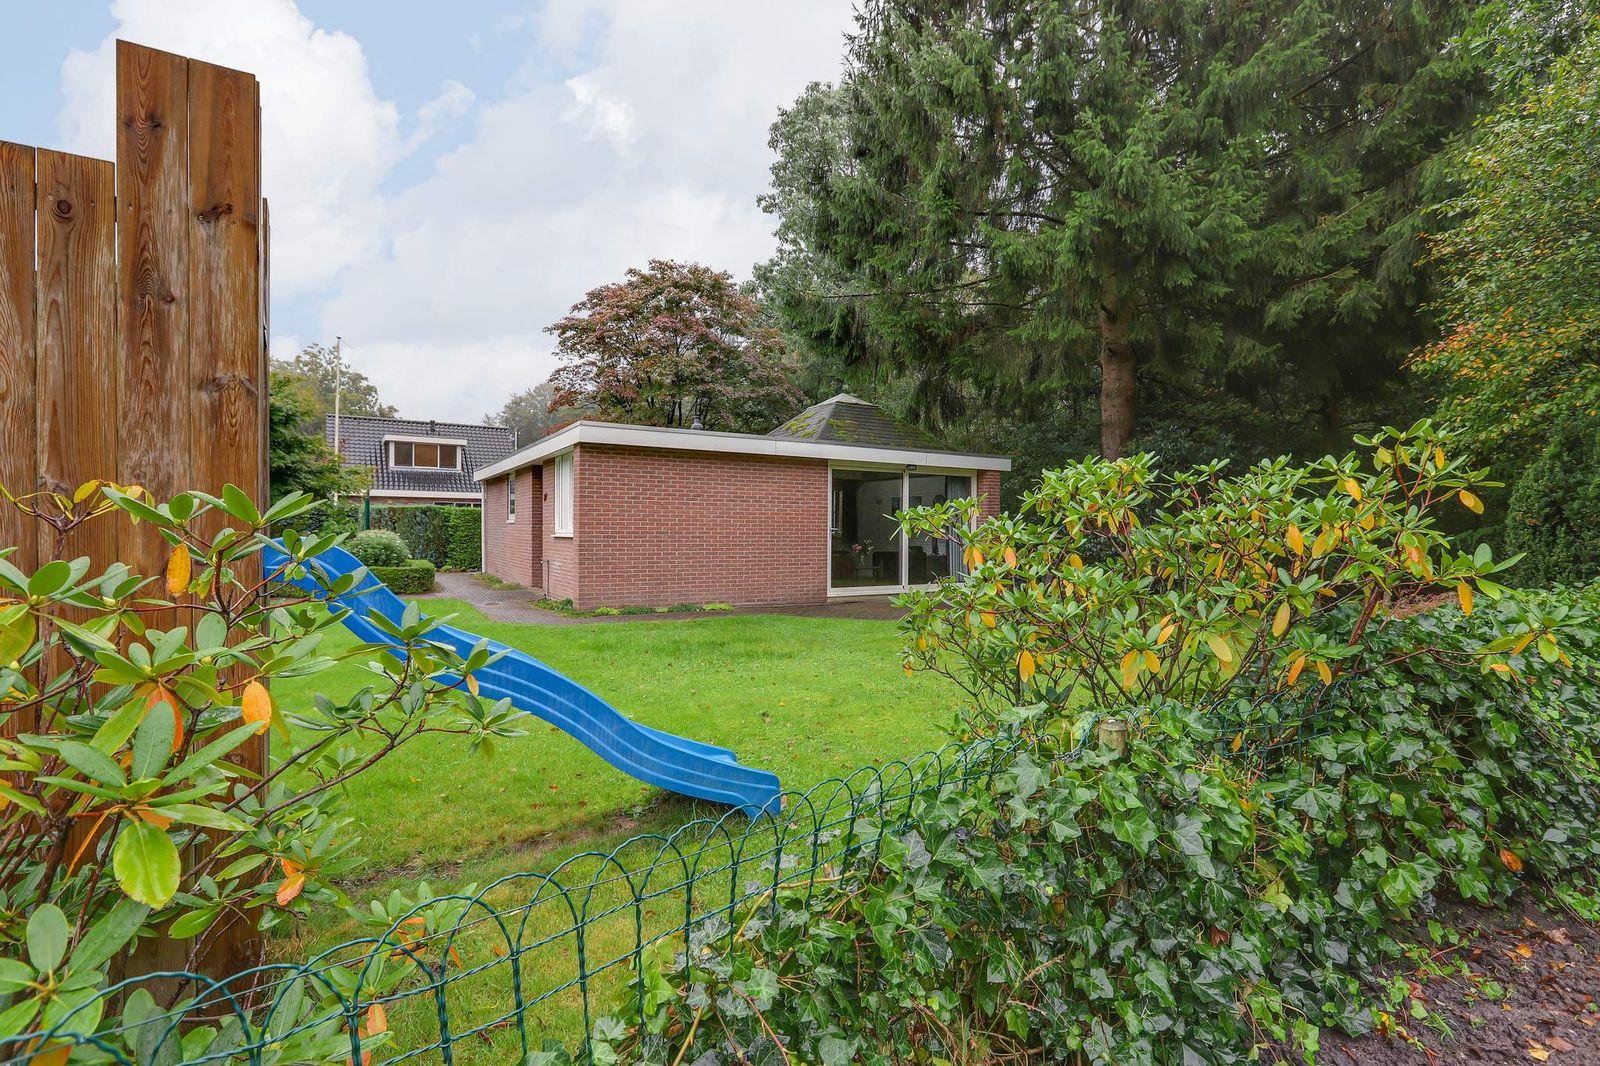 Meerboomweg 87, Hollandscheveld